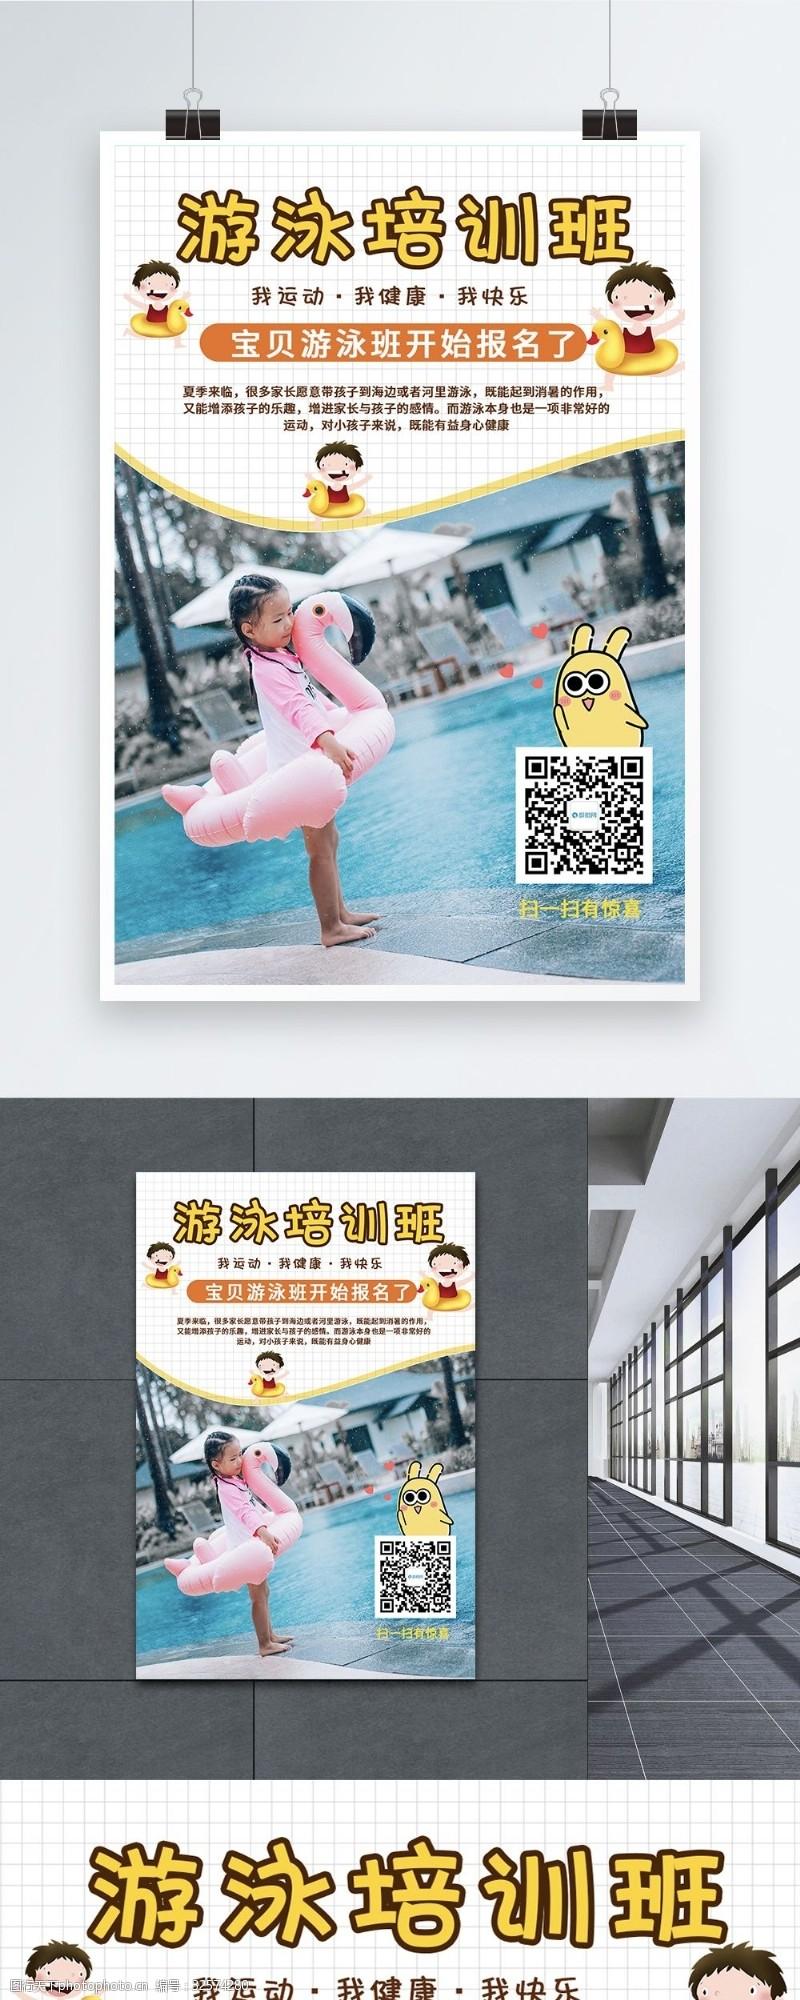 游泳培训班海报素材